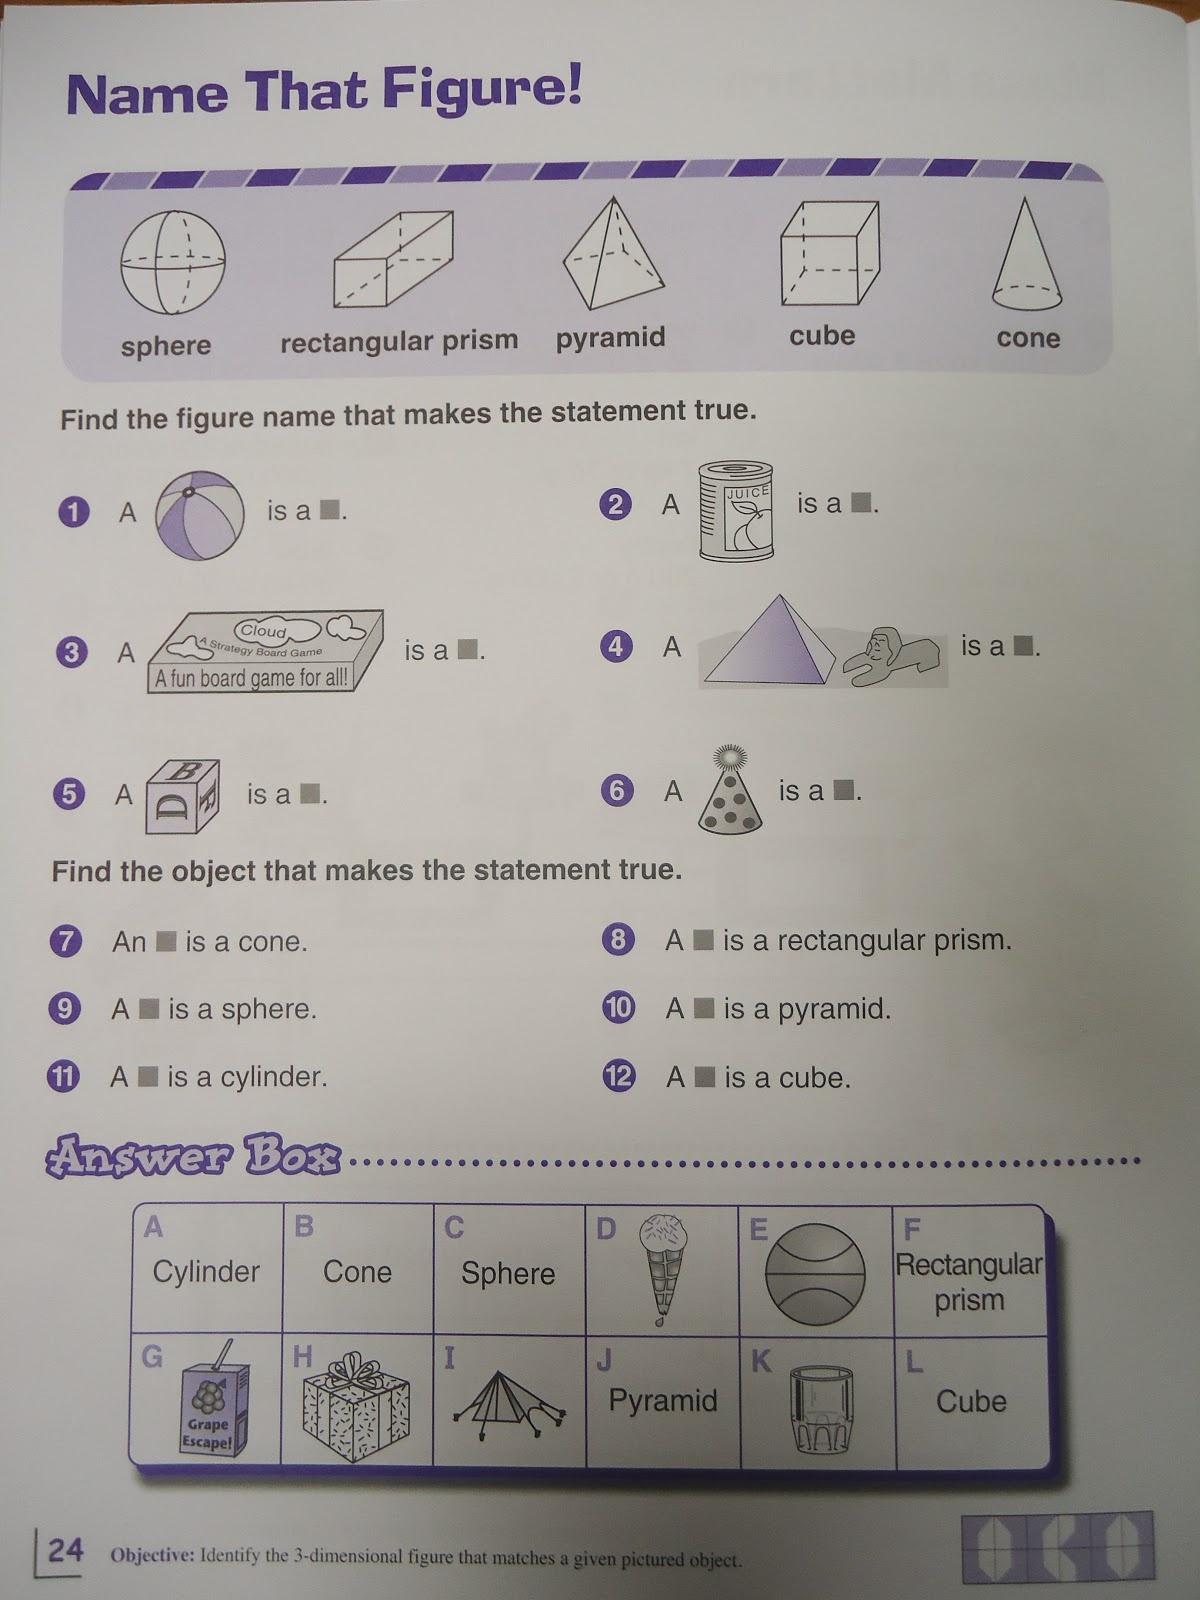 Versatiles Worksheets   Free Printables Worksheet - Free Printable - Free Printable Versatiles Worksheets